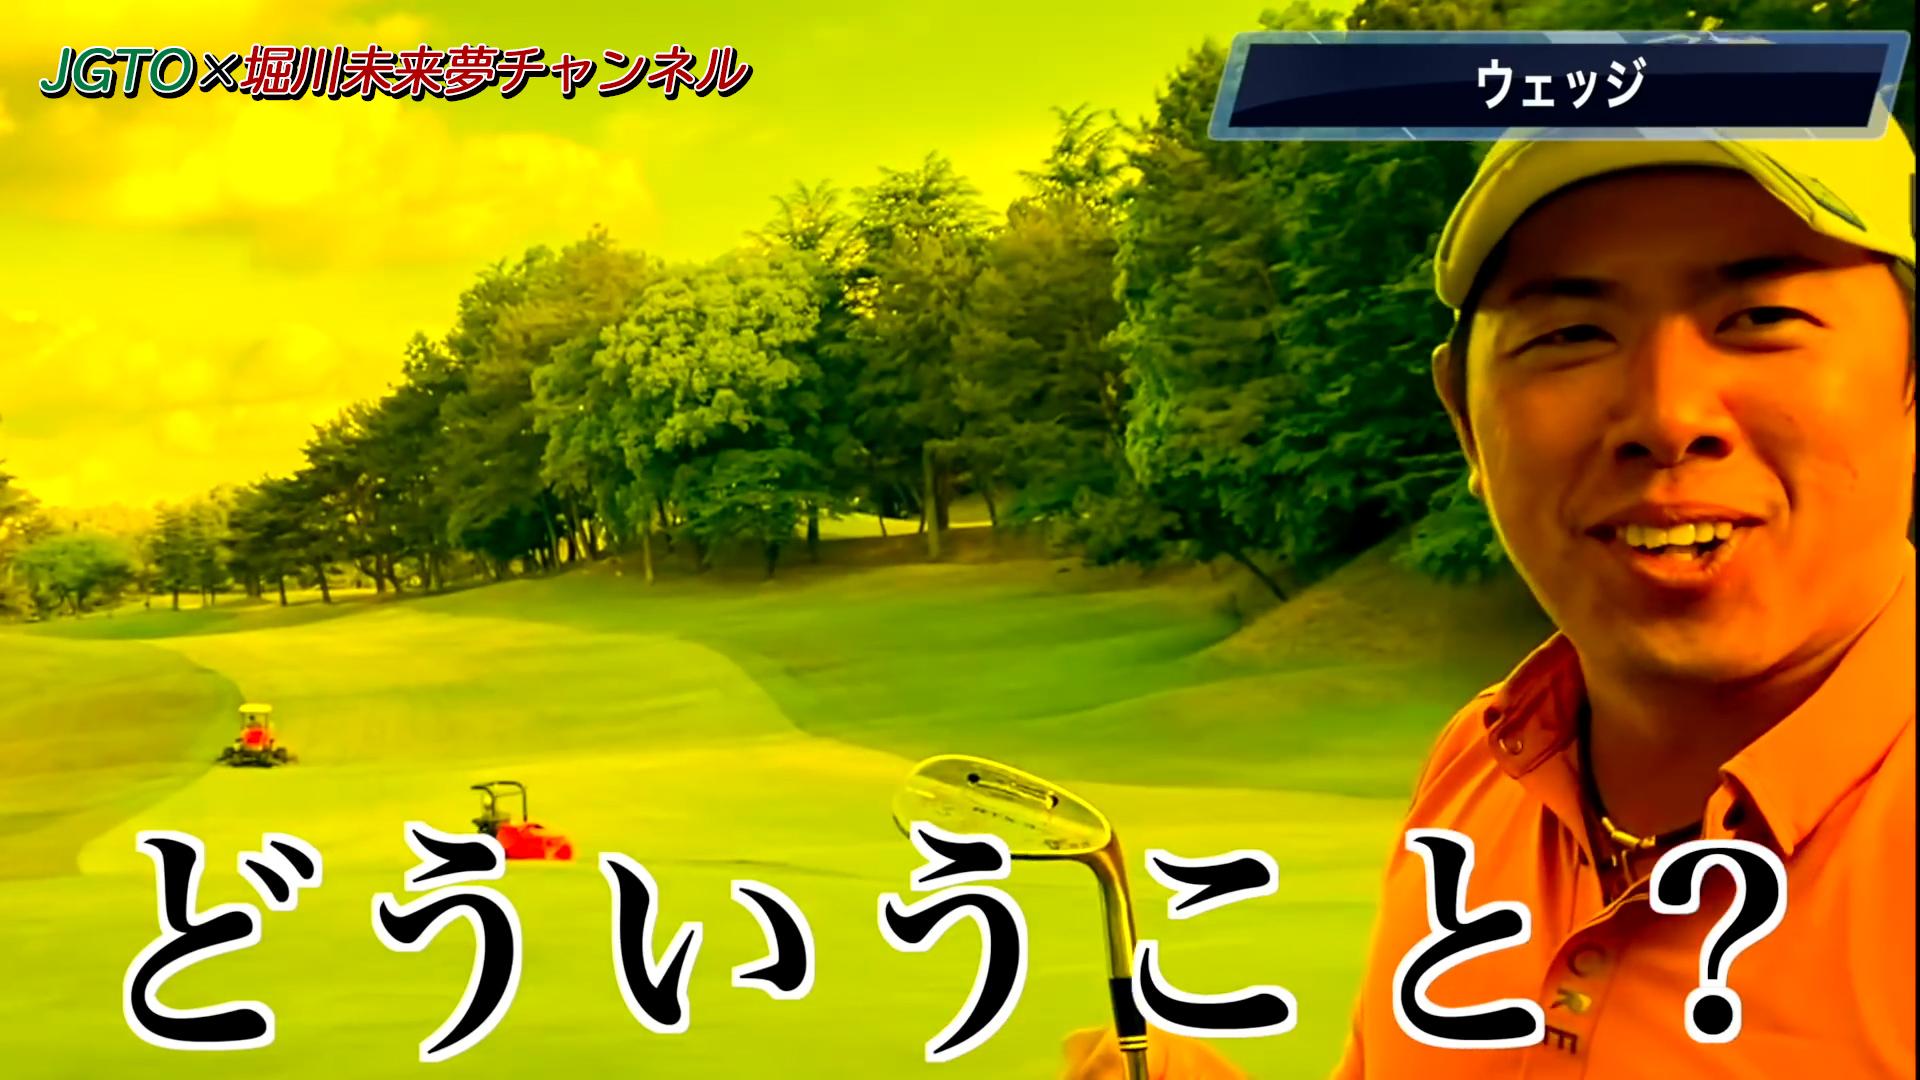 【男子ゴルフ】~トッププロのマニアックな世界~ プロ同士だからこそ話せるクラブセッティングのコダワリ!JGTO×堀川未来夢チャンネル